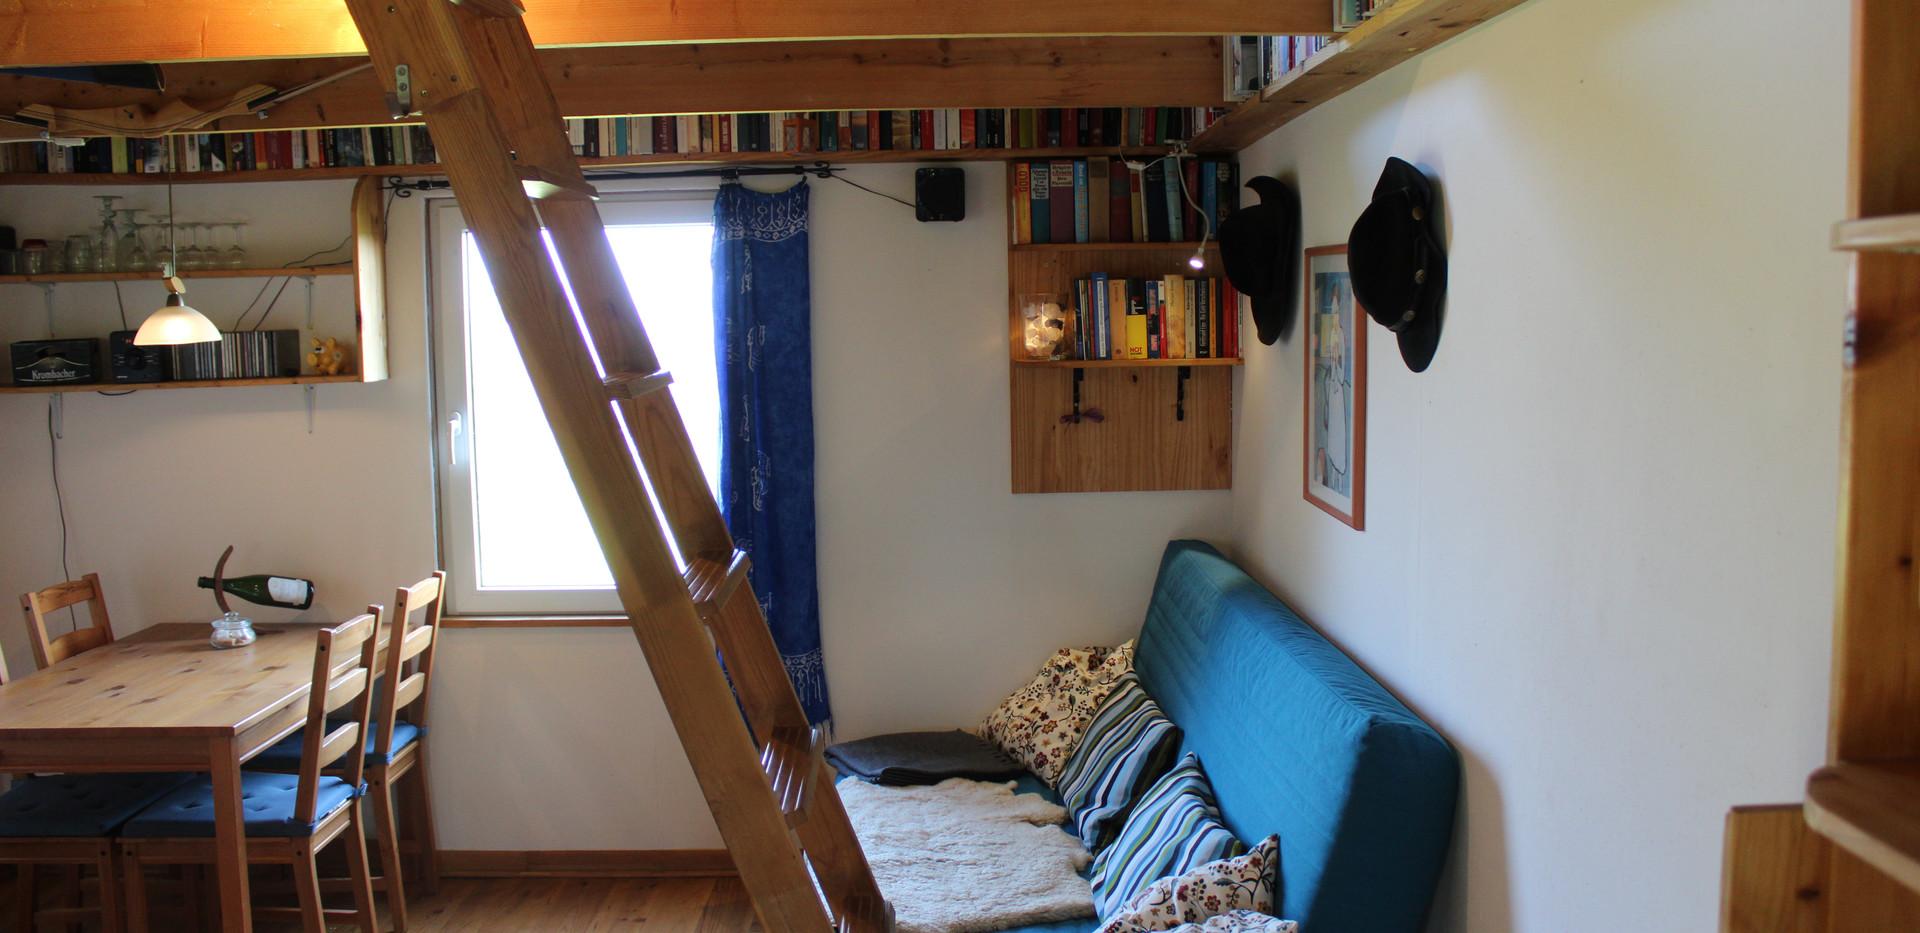 Wohnbereich in der Hütte